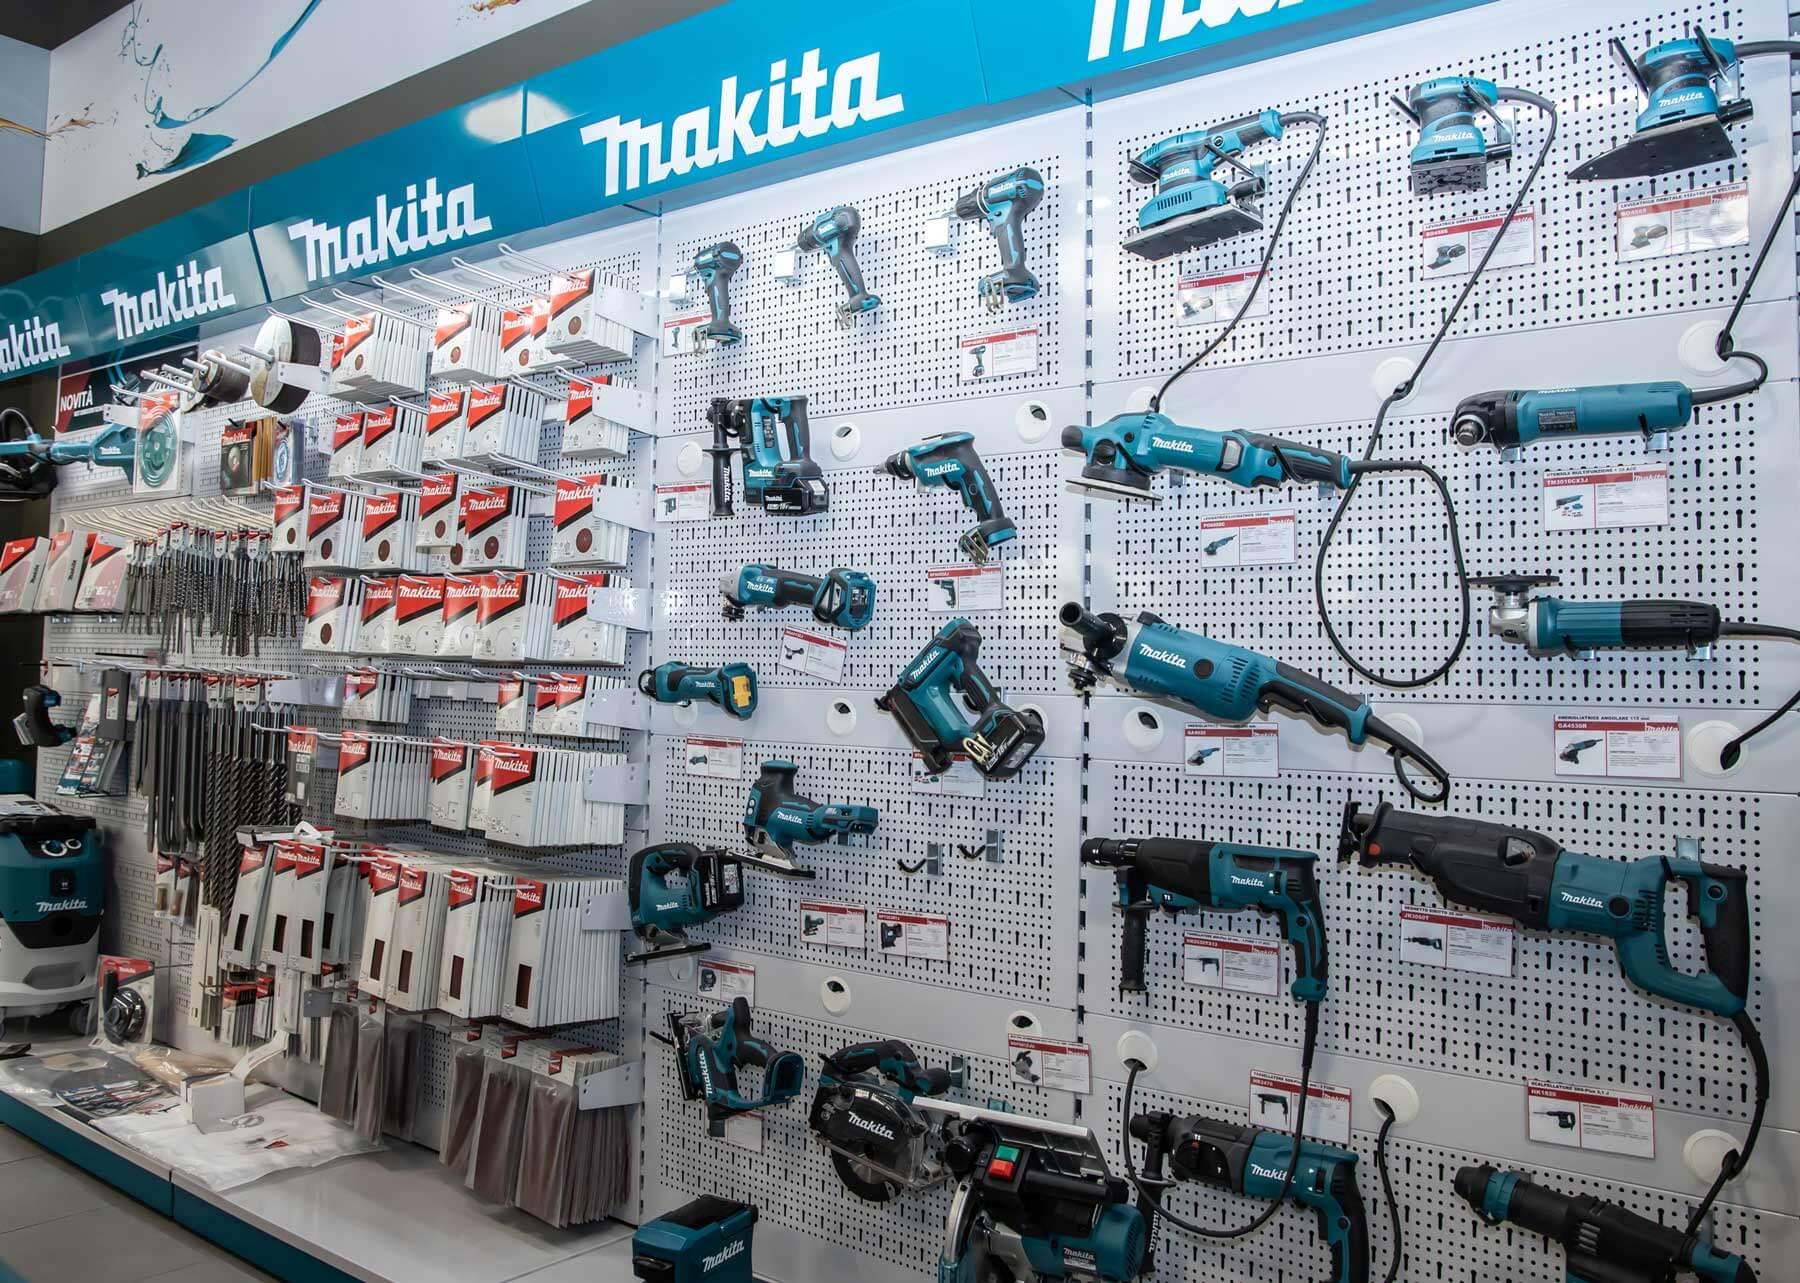 Makita utensili e accessori a Torino